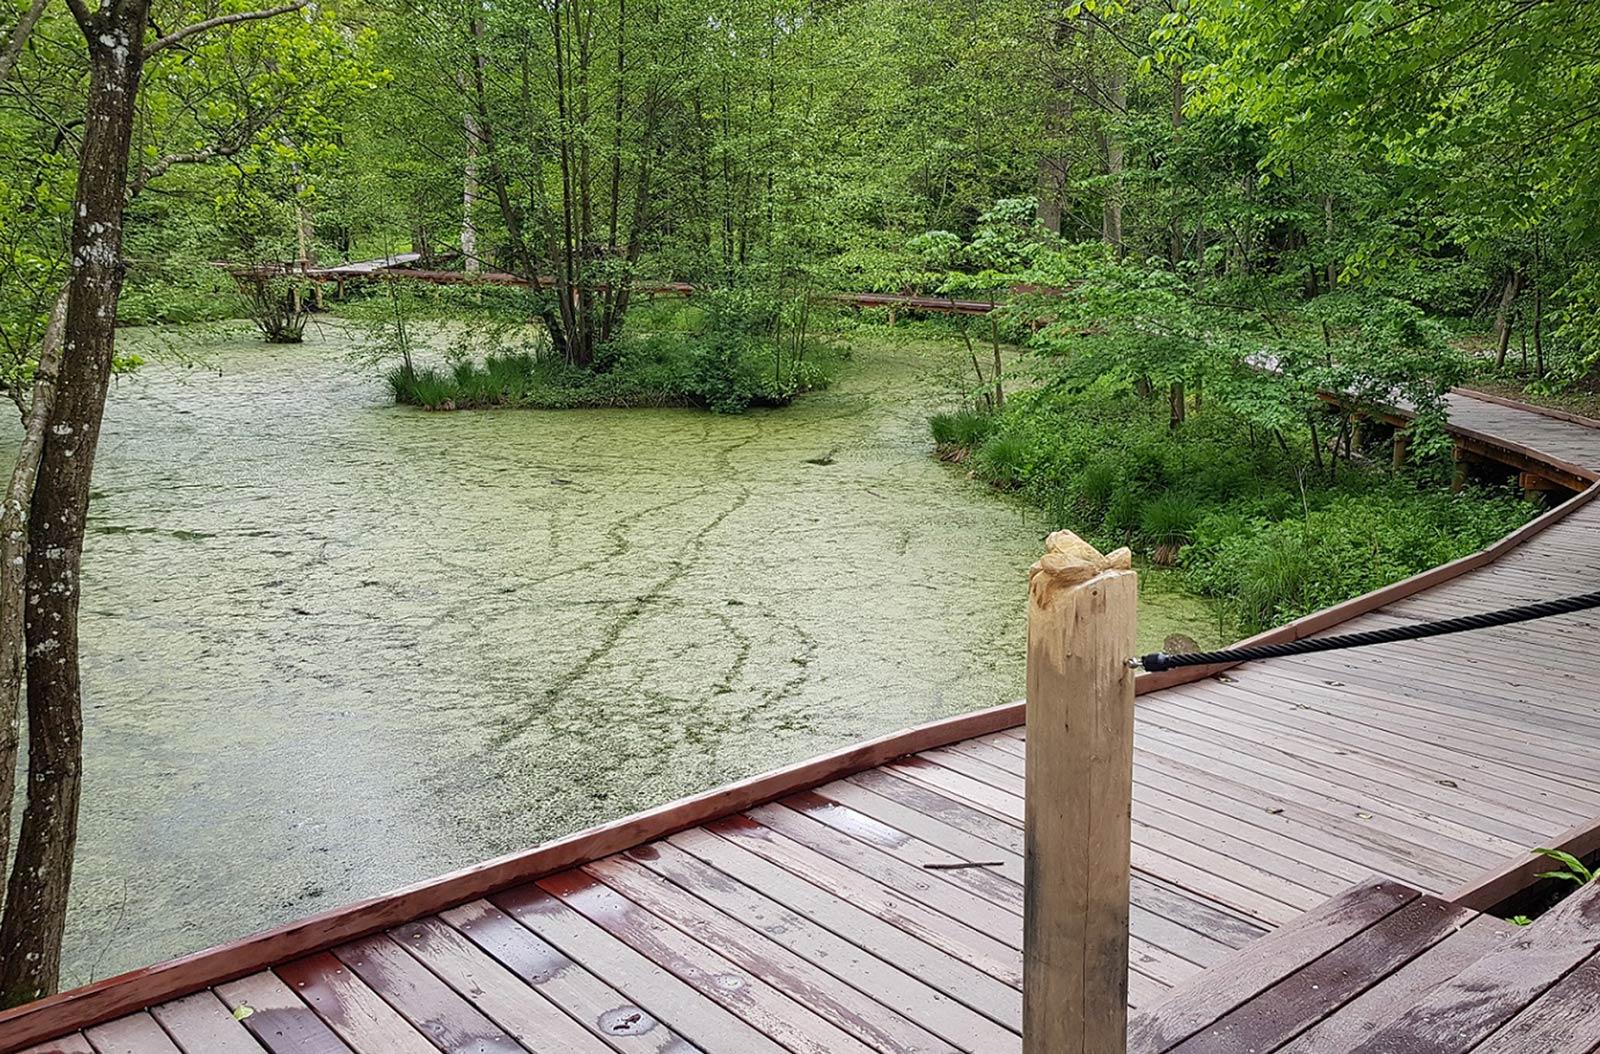 En boardwalk med gelænder ved trappen der løber rundt om en sø i en skov